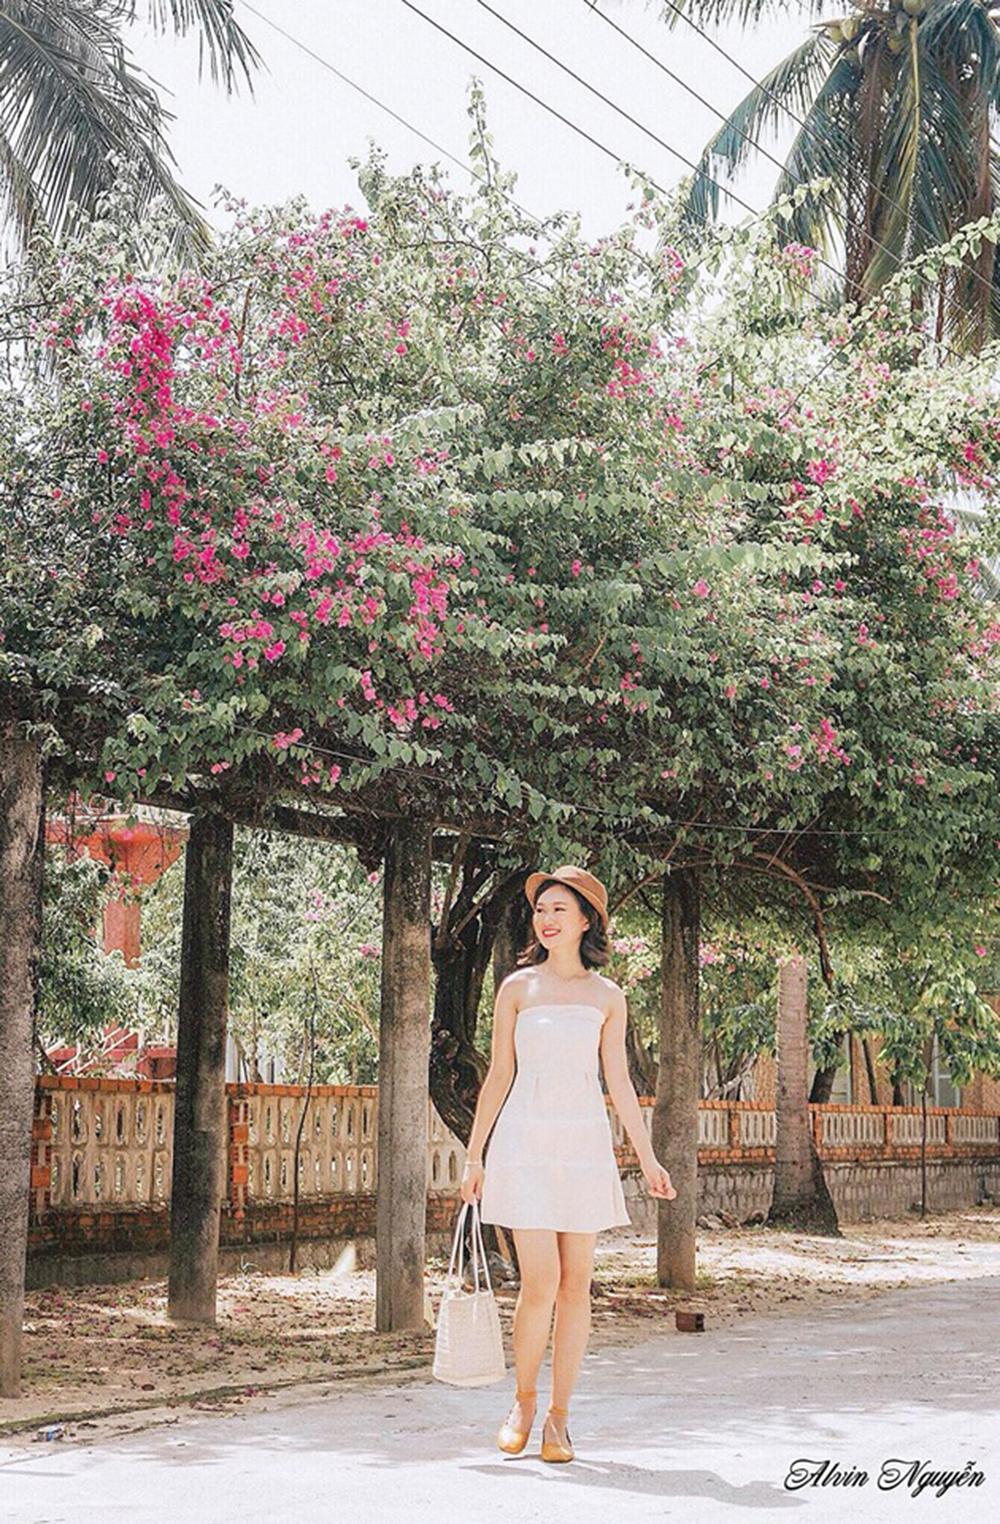 Bộ ảnh kiểu váy trễ vai, cúp ngực và váy trắng tôn lên vẻ nữ tính, sang trọng cho nữ nhân viên nhà F.